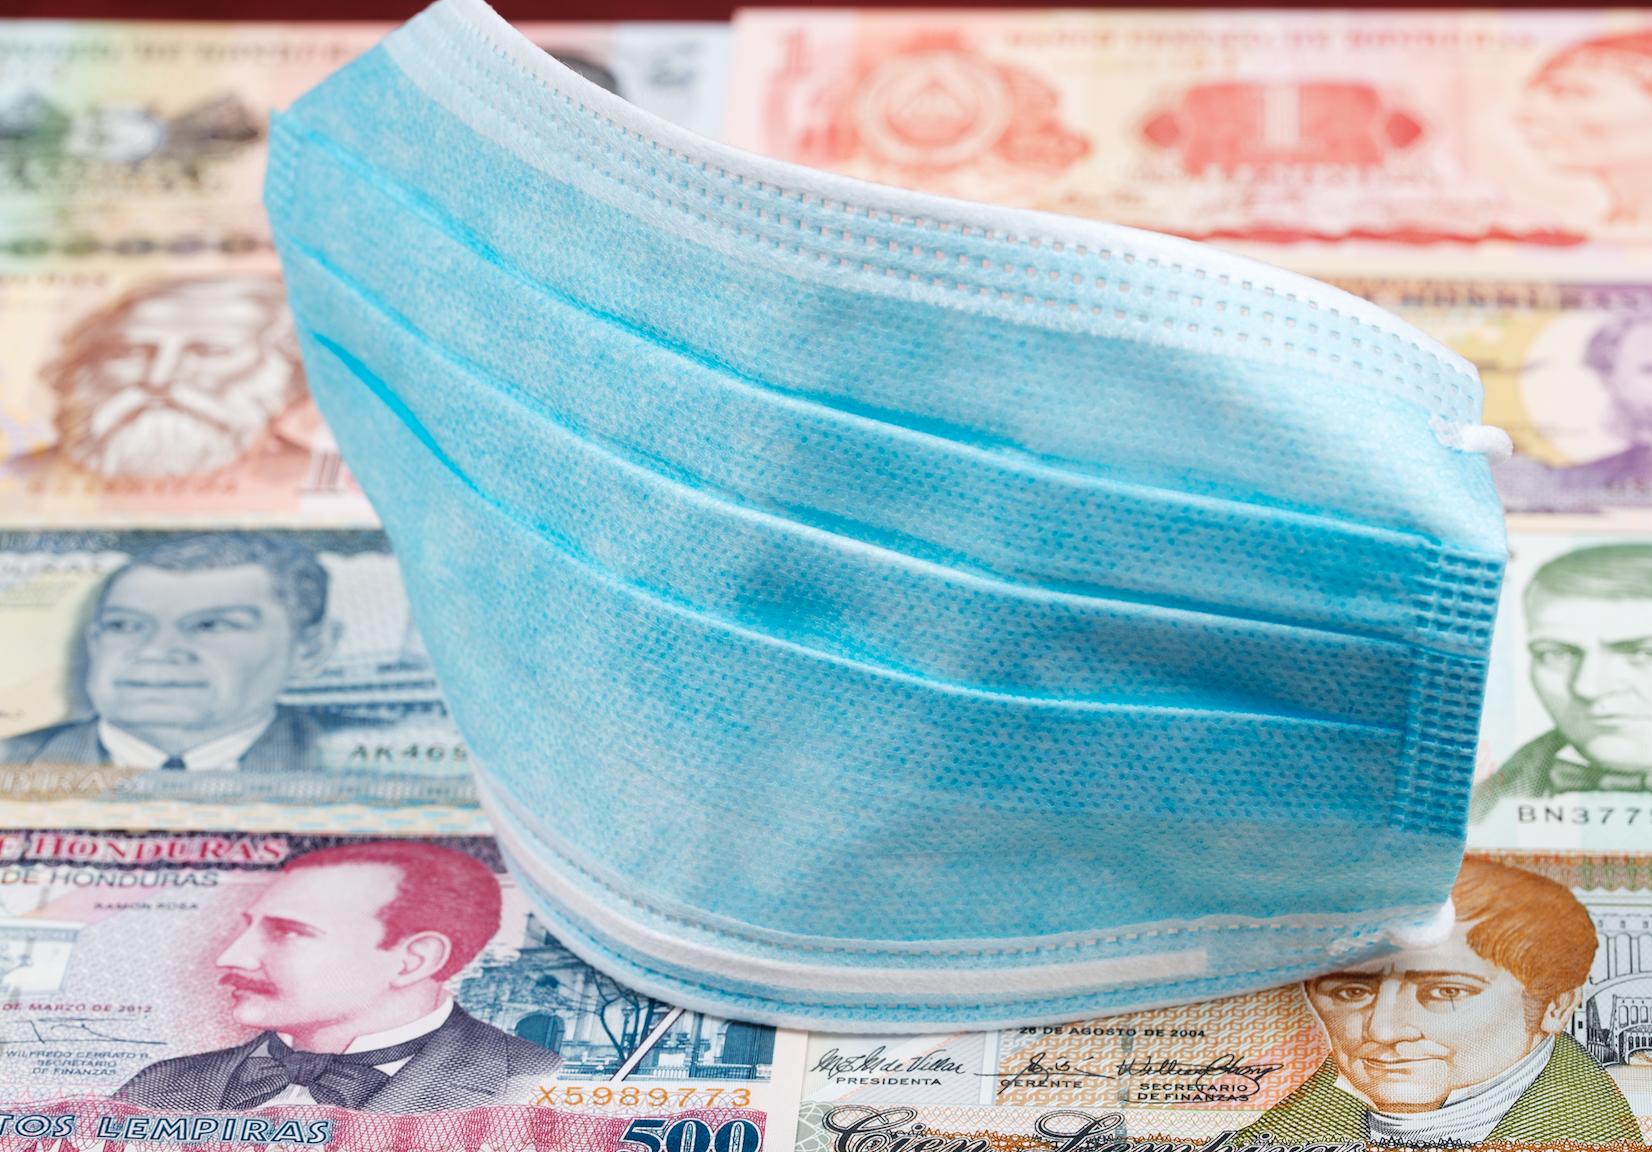 Coronavirus golpea expectativas de crecimiento económico de Honduras: BID